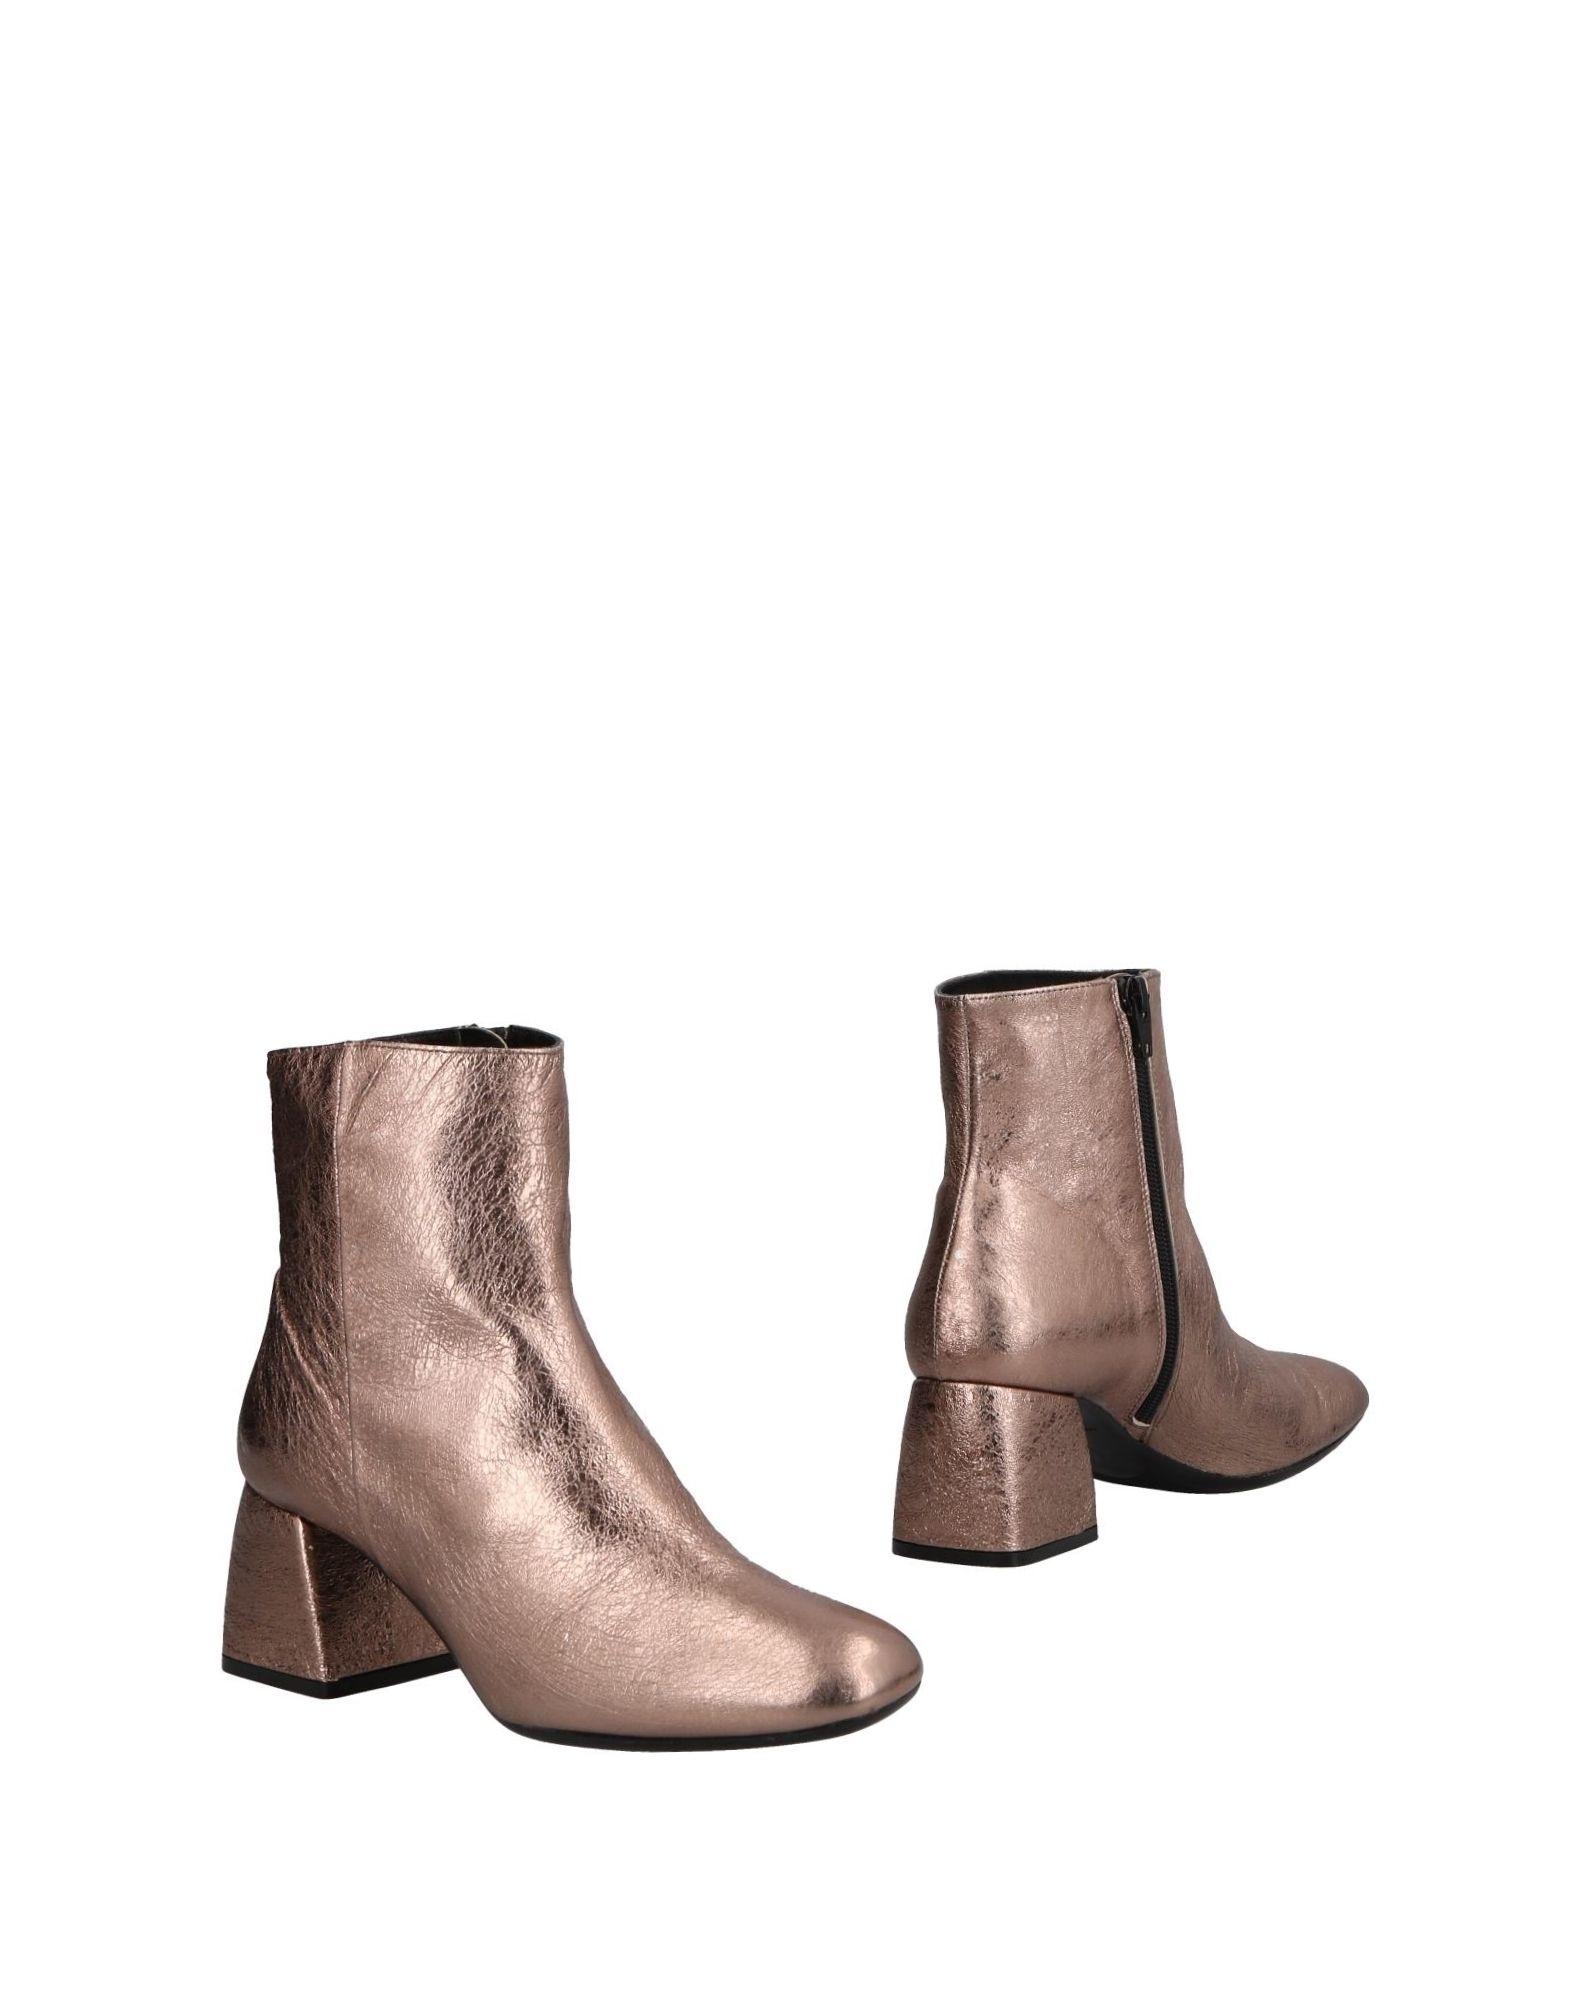 YOSH COLLECTION Полусапоги и высокие ботинки ботинки zenden collection zenden collection ze012abkoc01